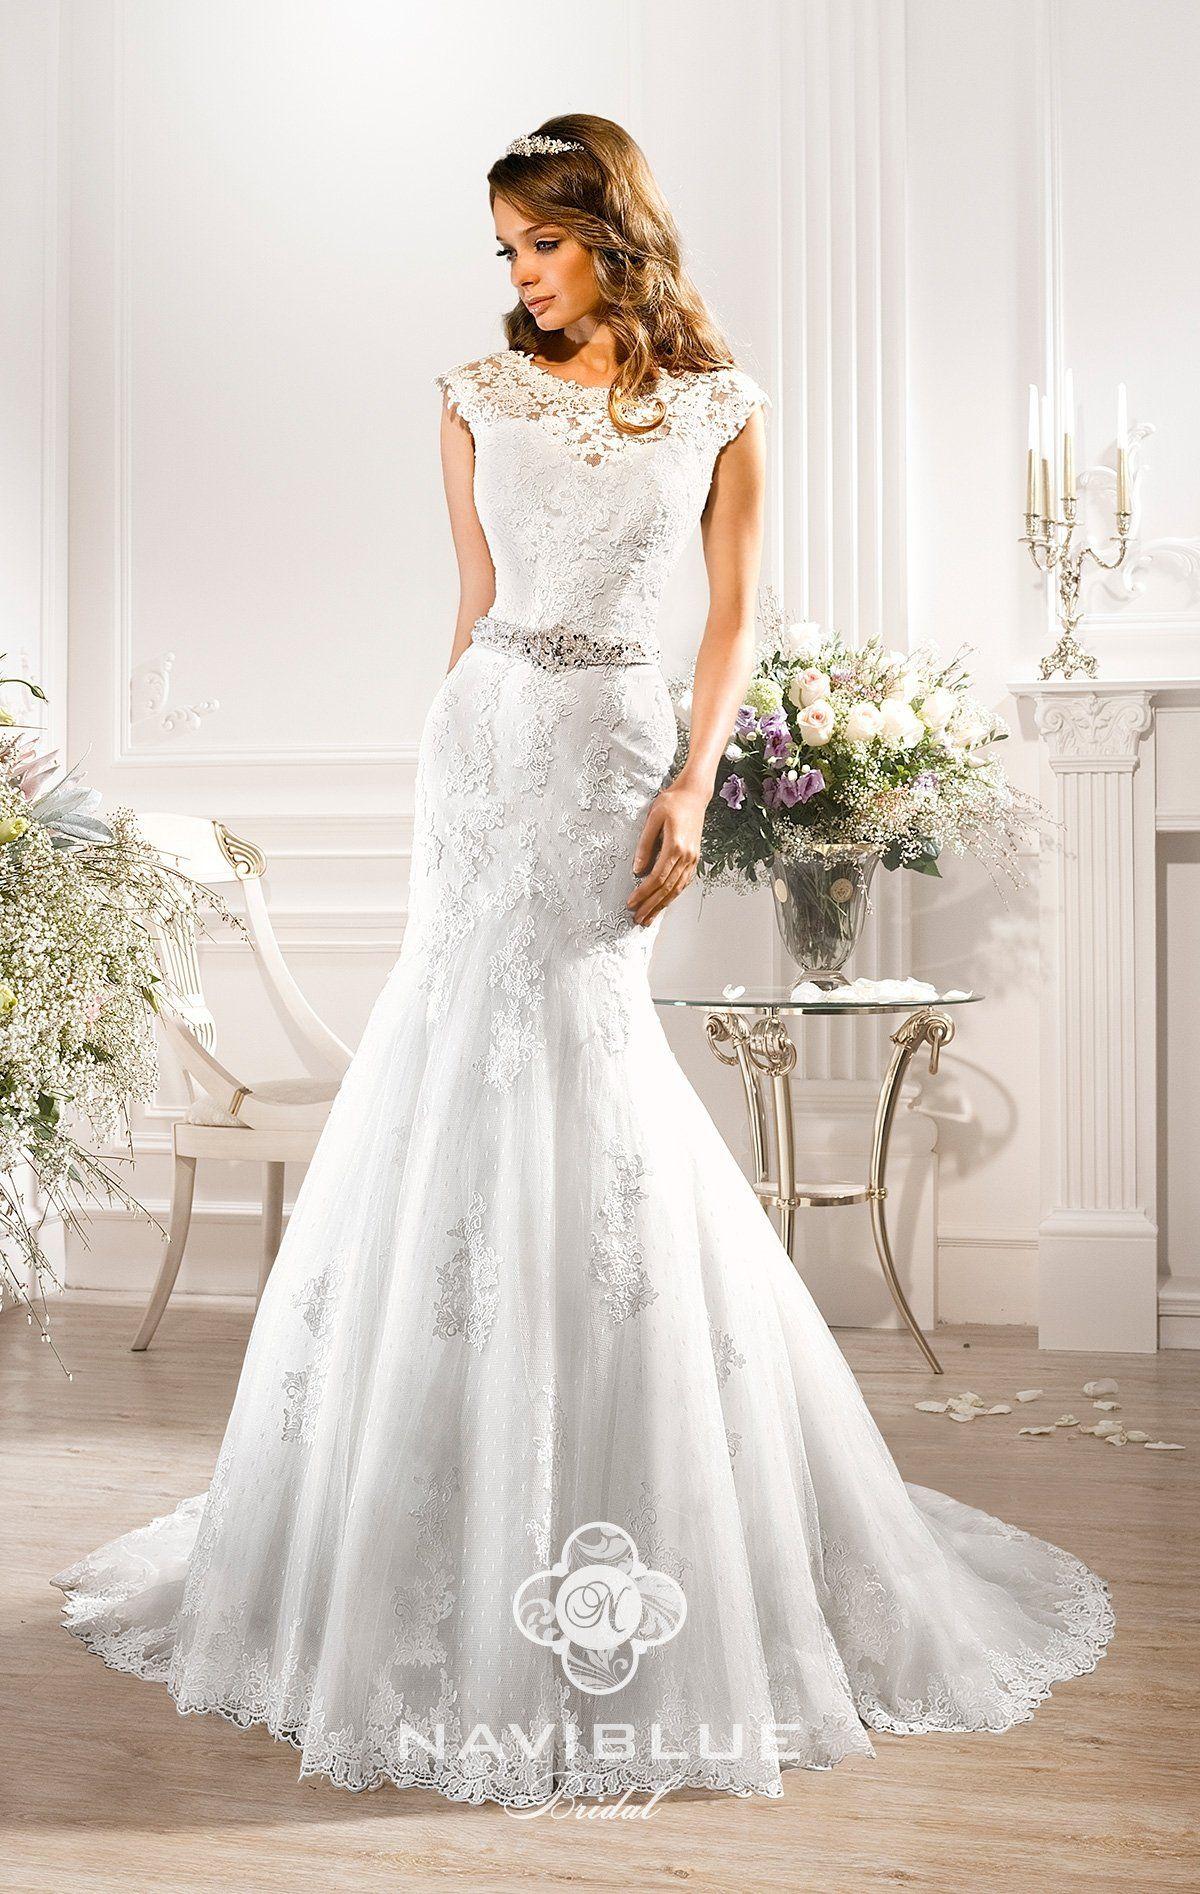 Brautkleider kaufen dusseldorf